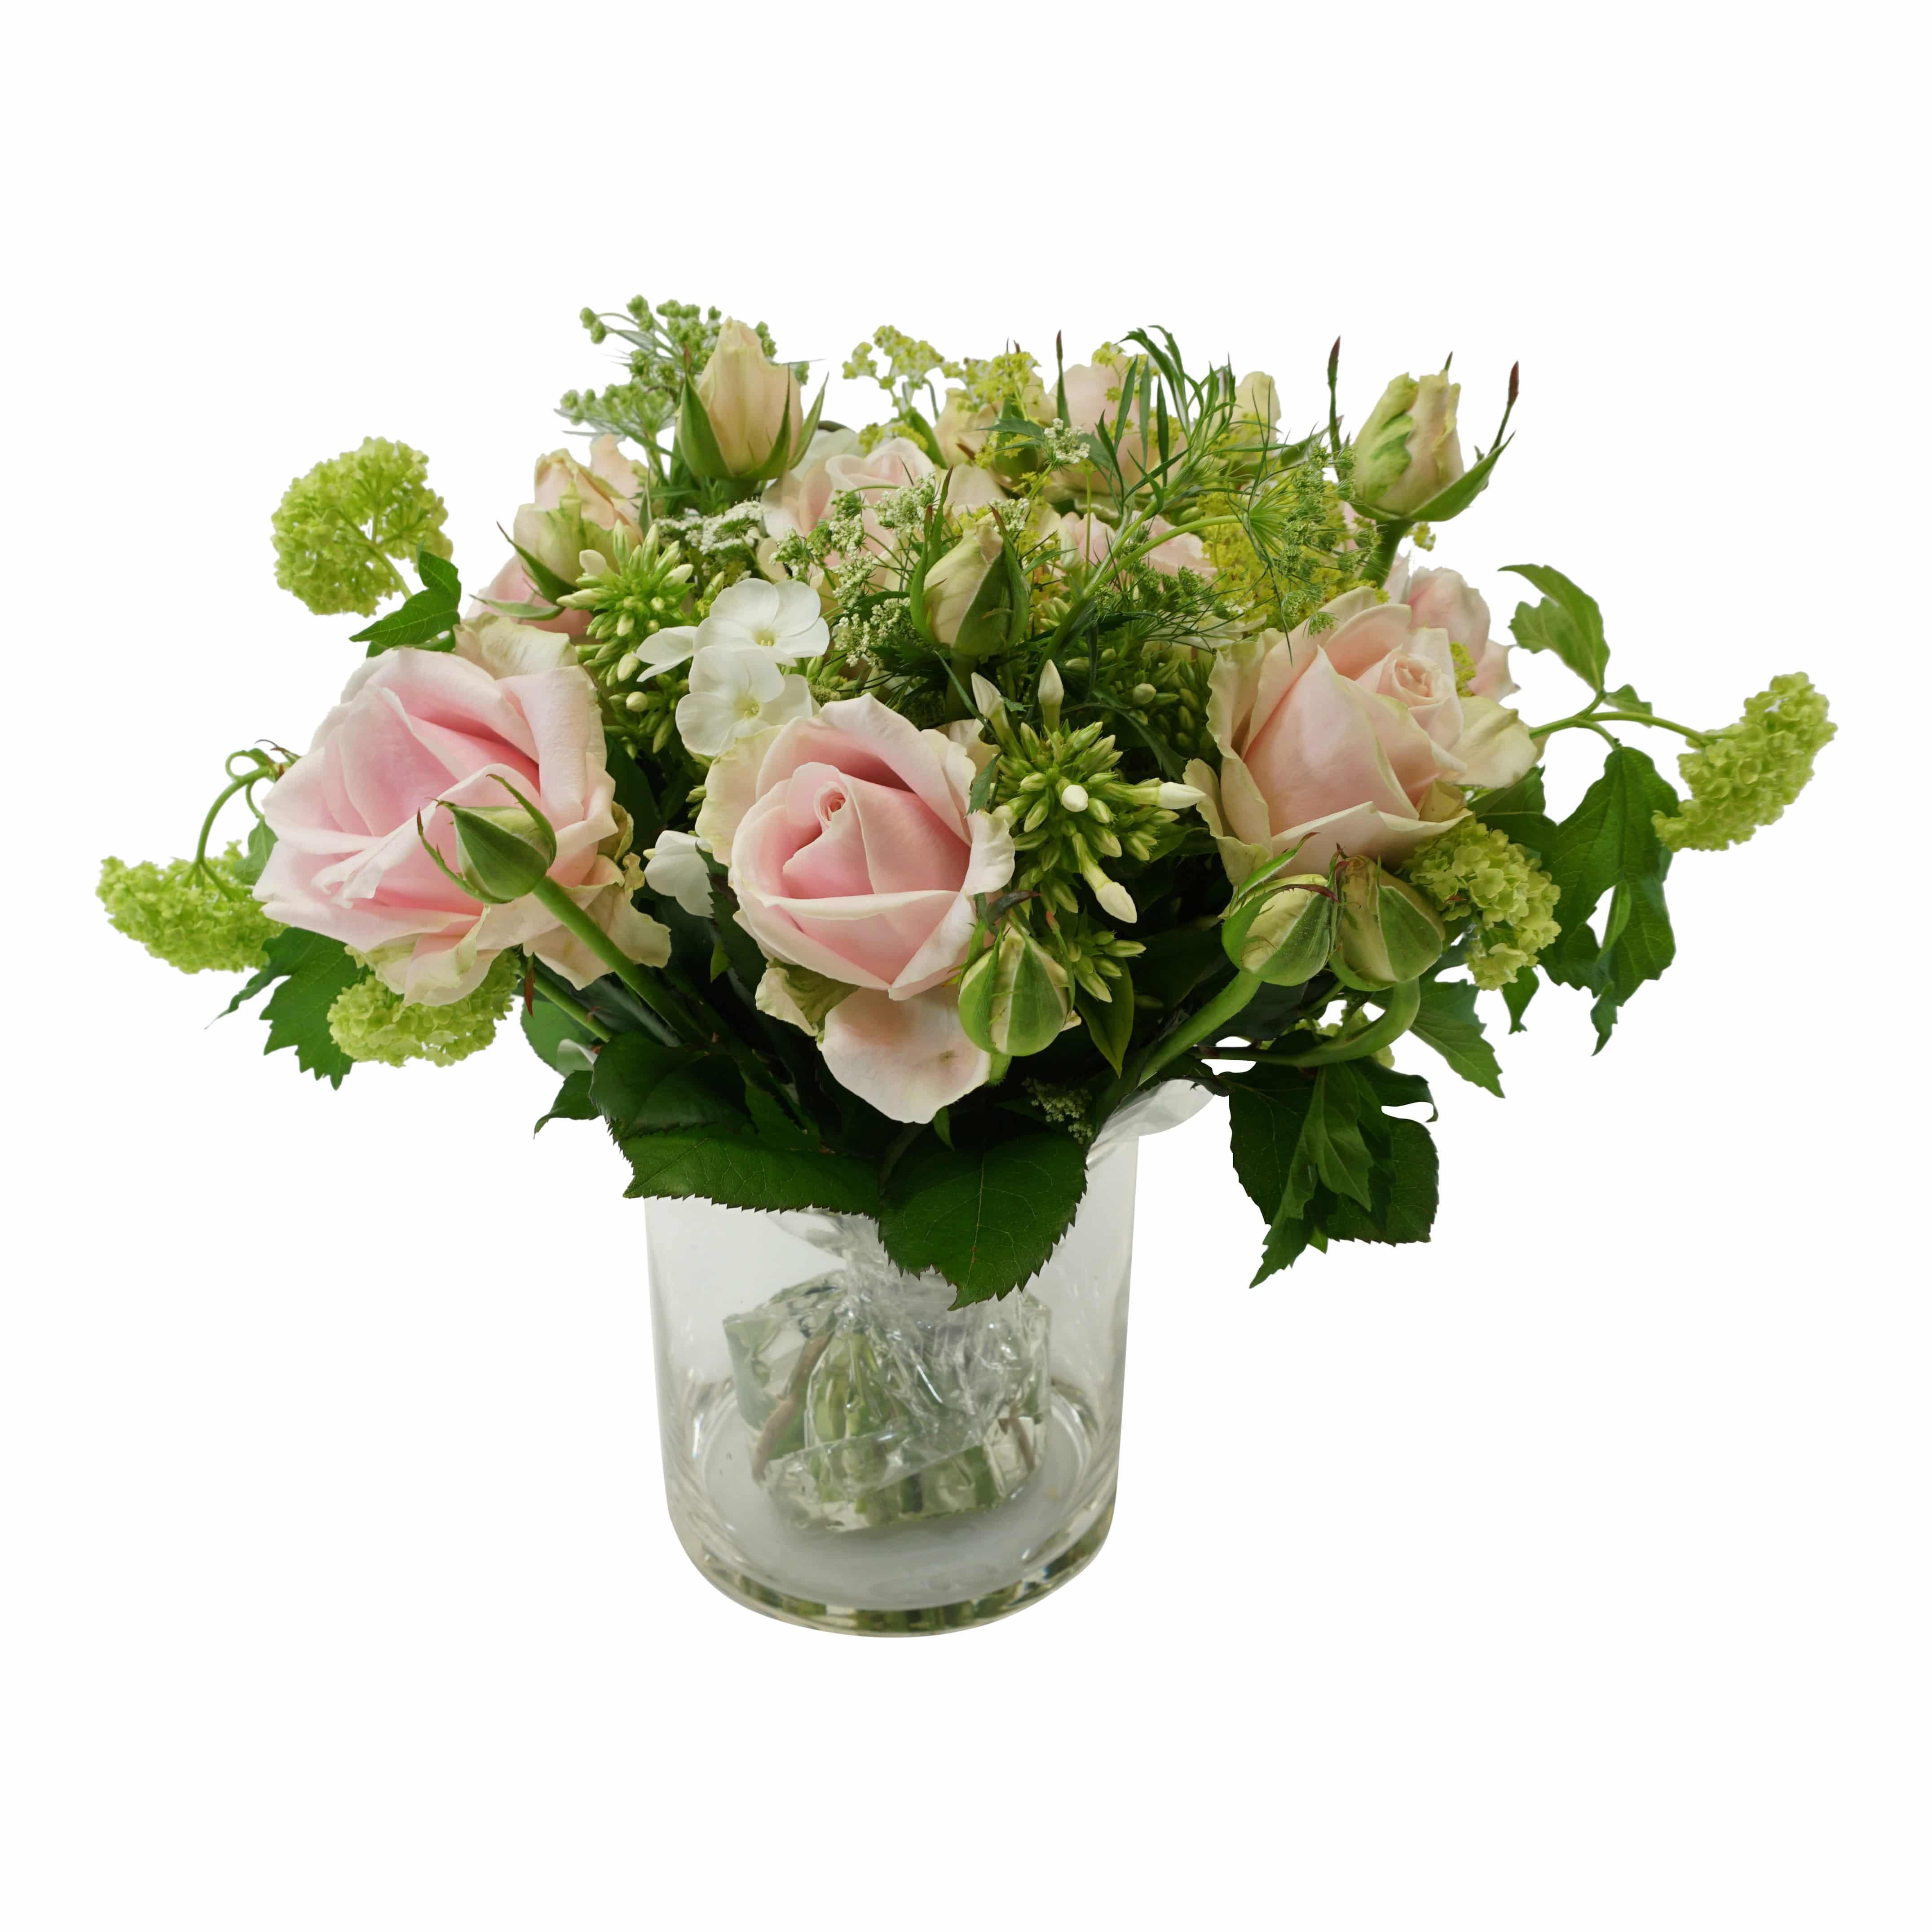 Lollipop flowers free delivery in dublin a dsc09446 izmirmasajfo